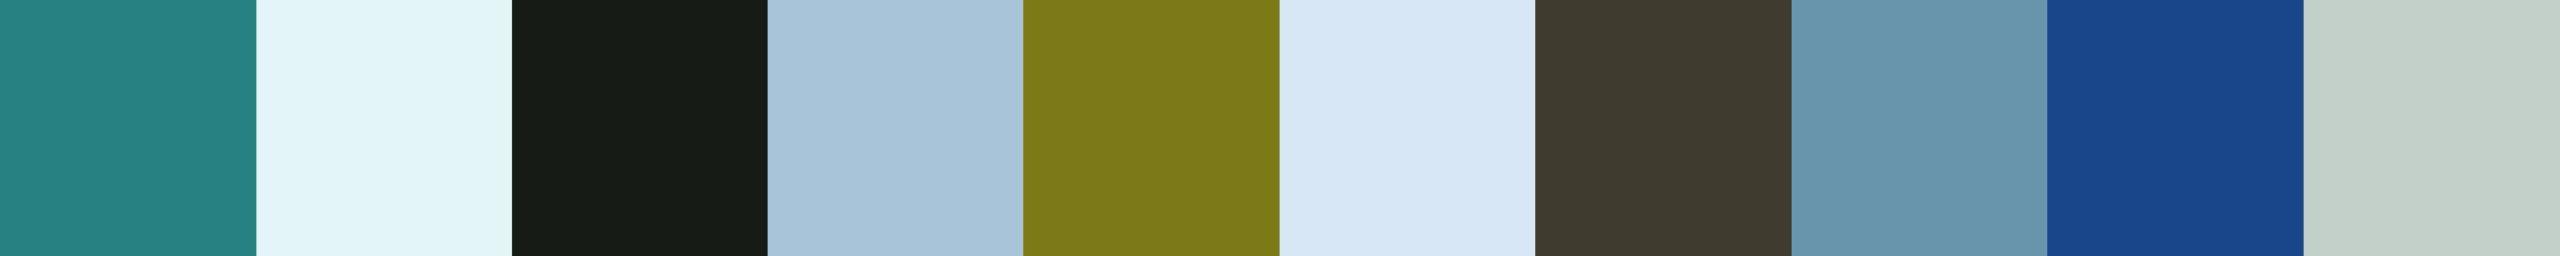 36 Prodica Color Palette